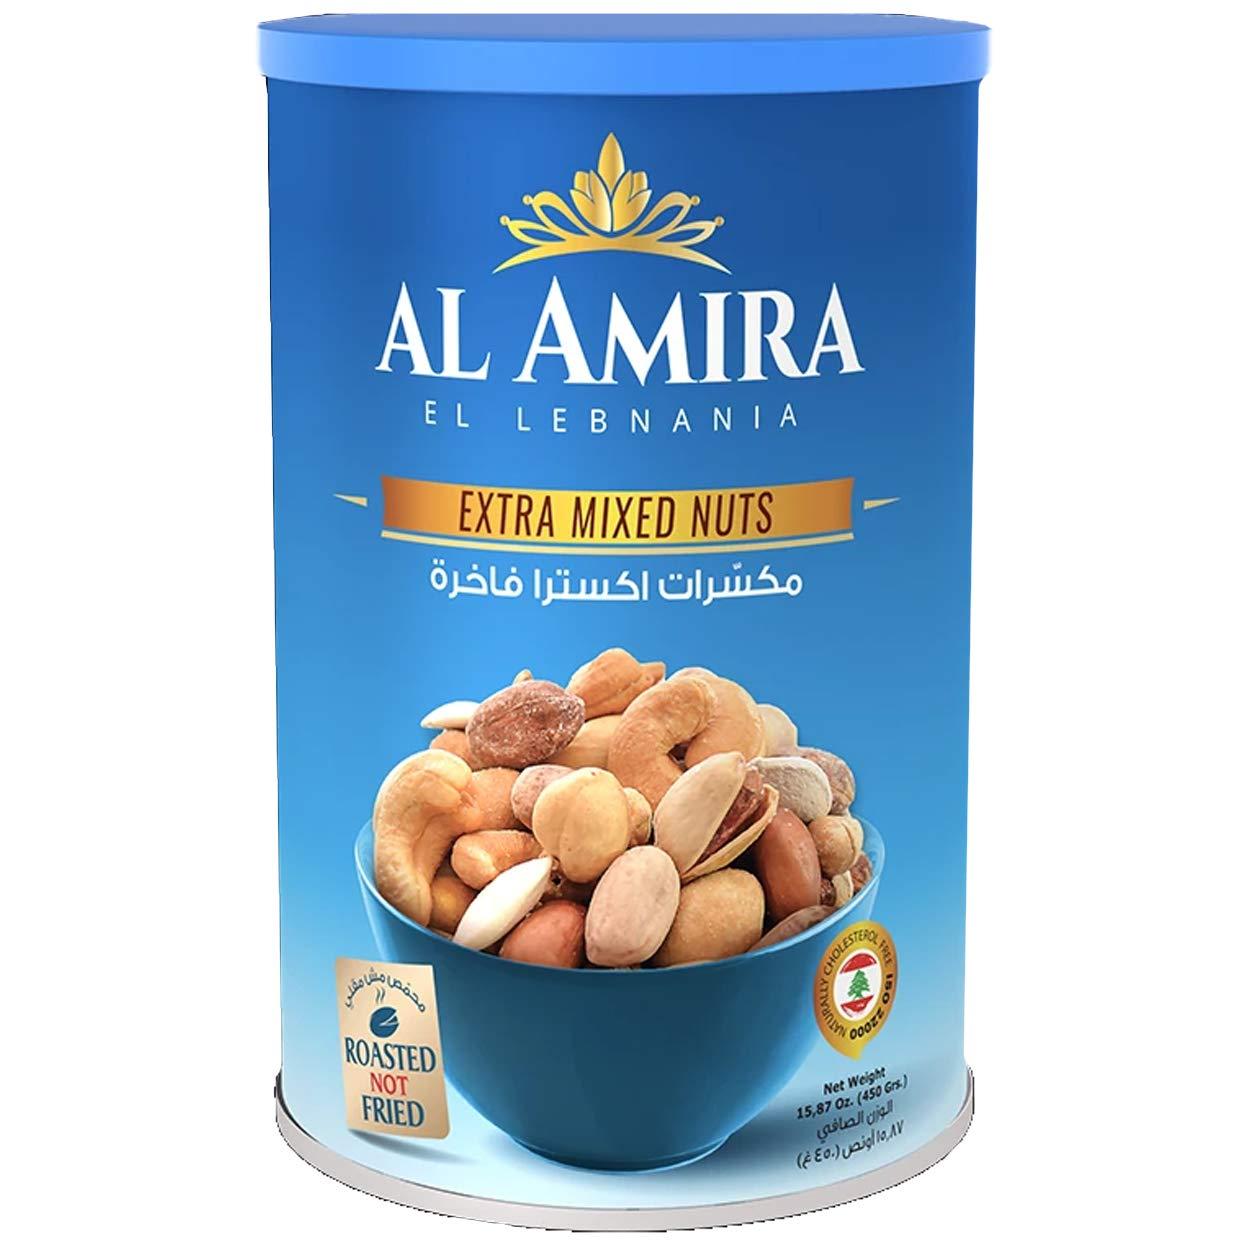 Al Amira Extra Nuts Mix (Lebanon) - 15.87 Oz / 450G - Non GMO